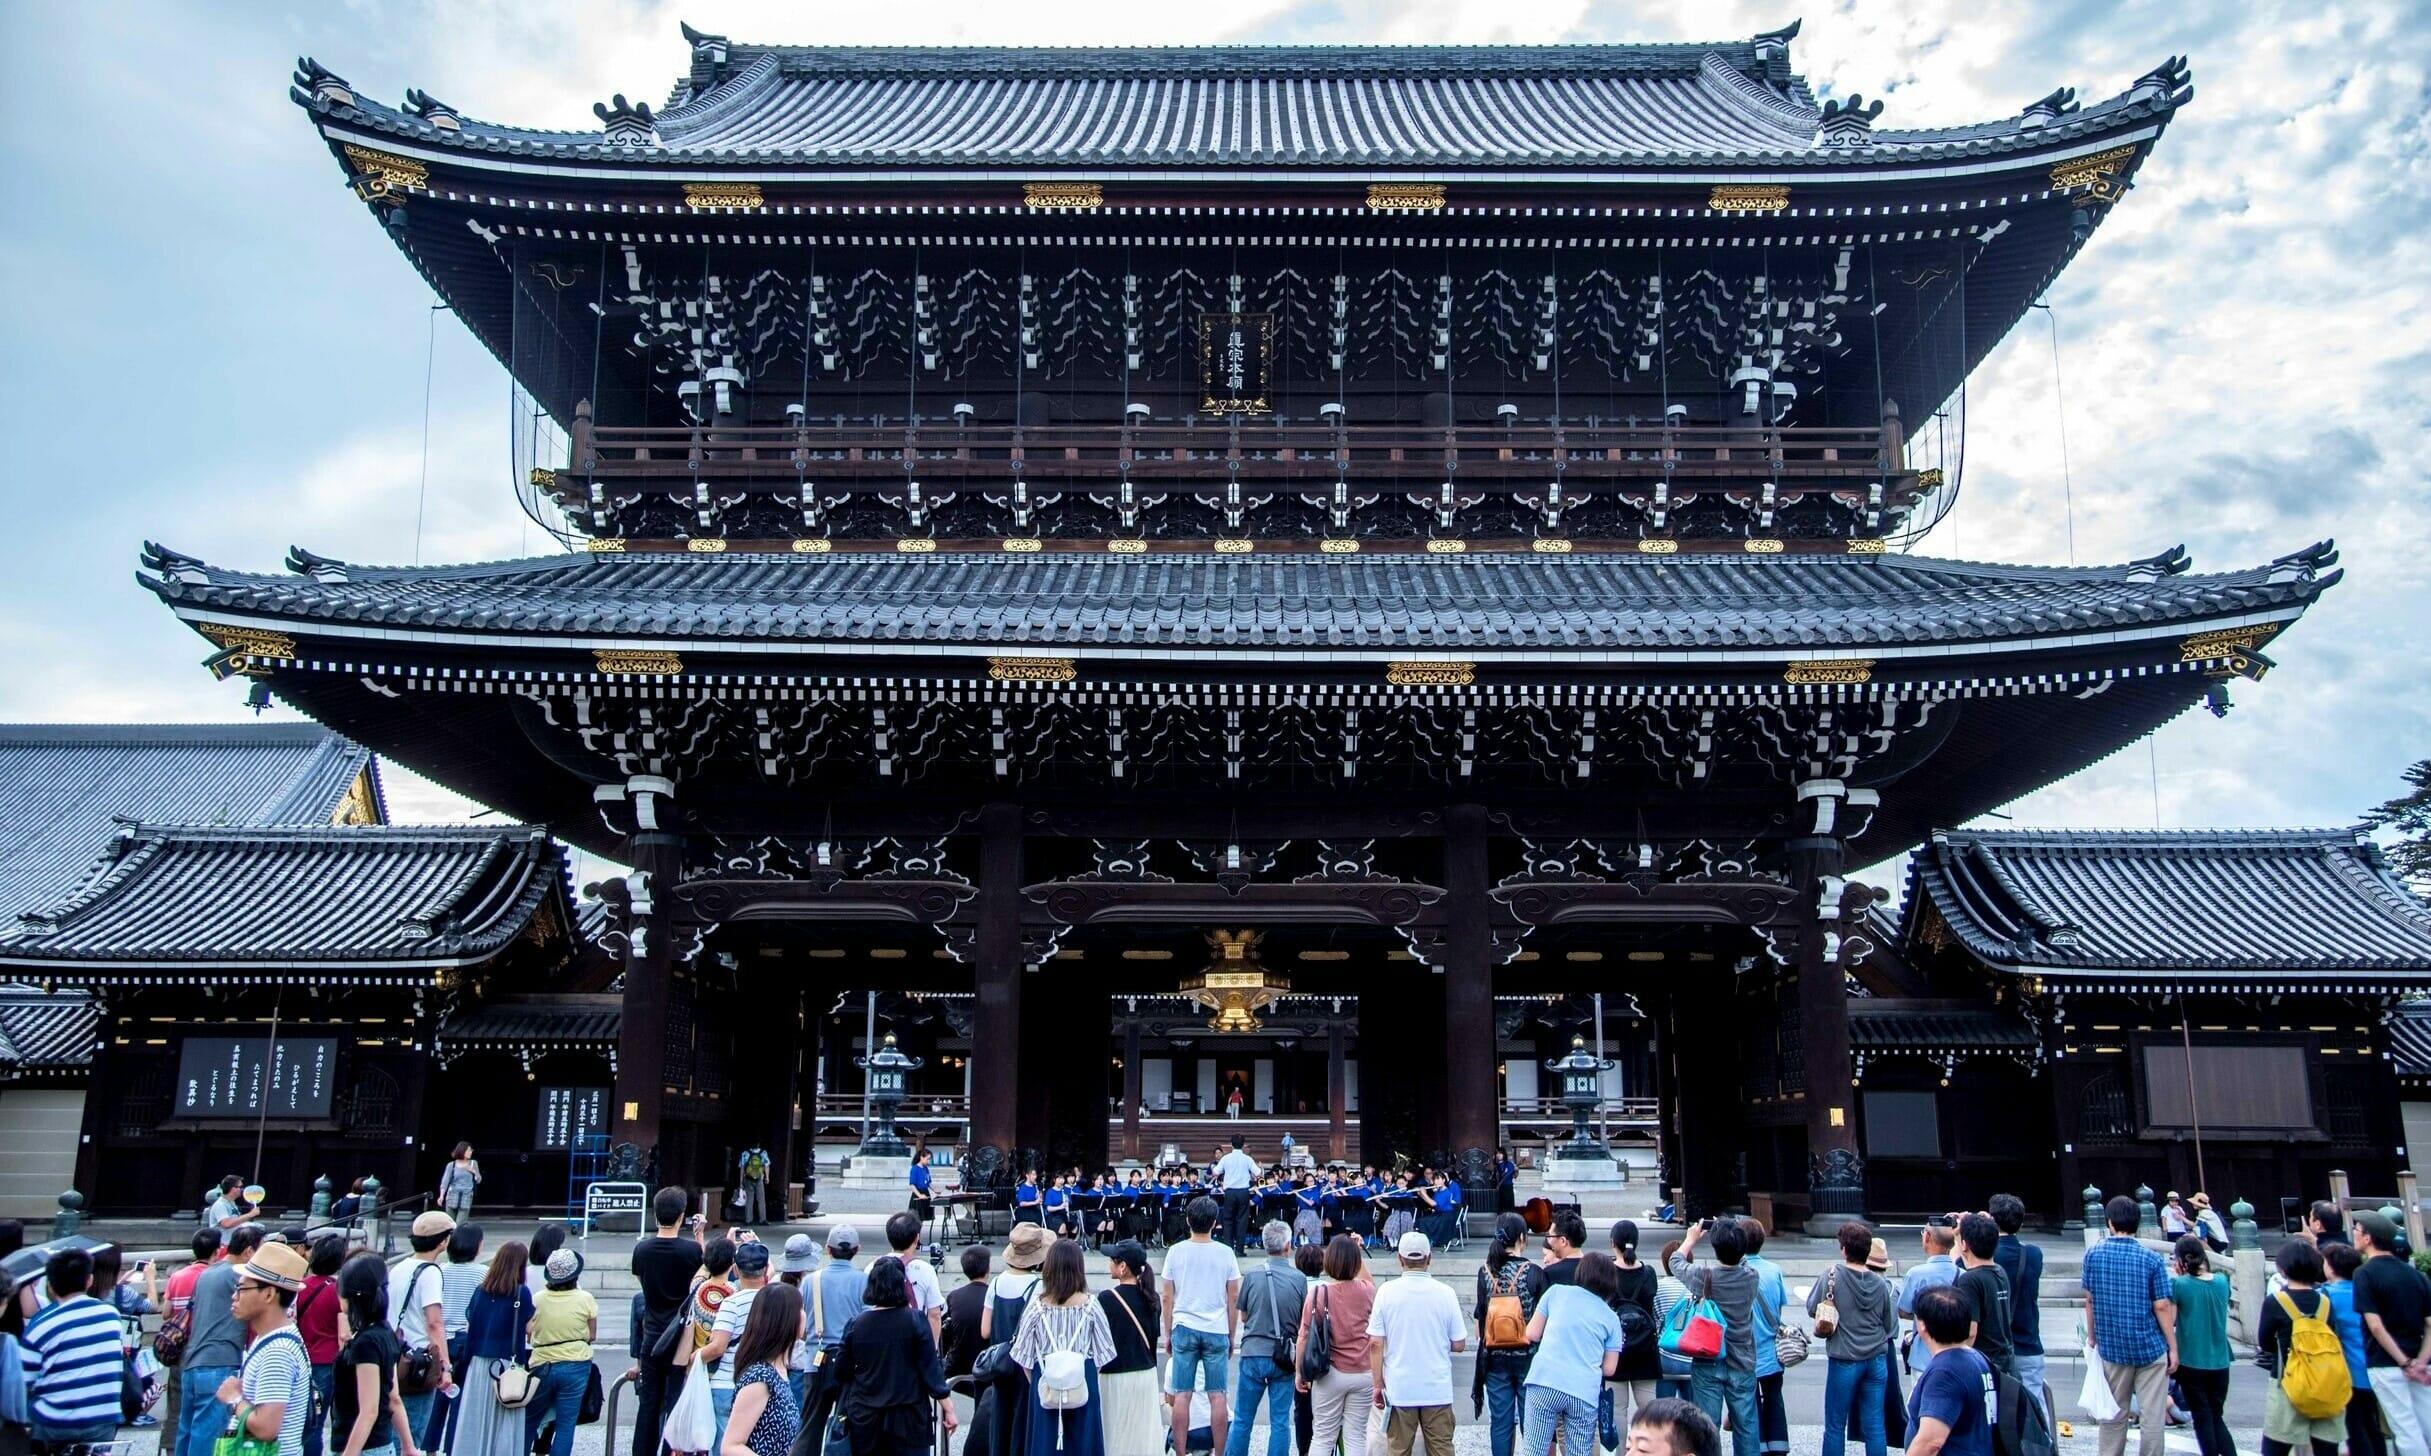 [21.02.05] 市民緑地に対する東本願寺の想い